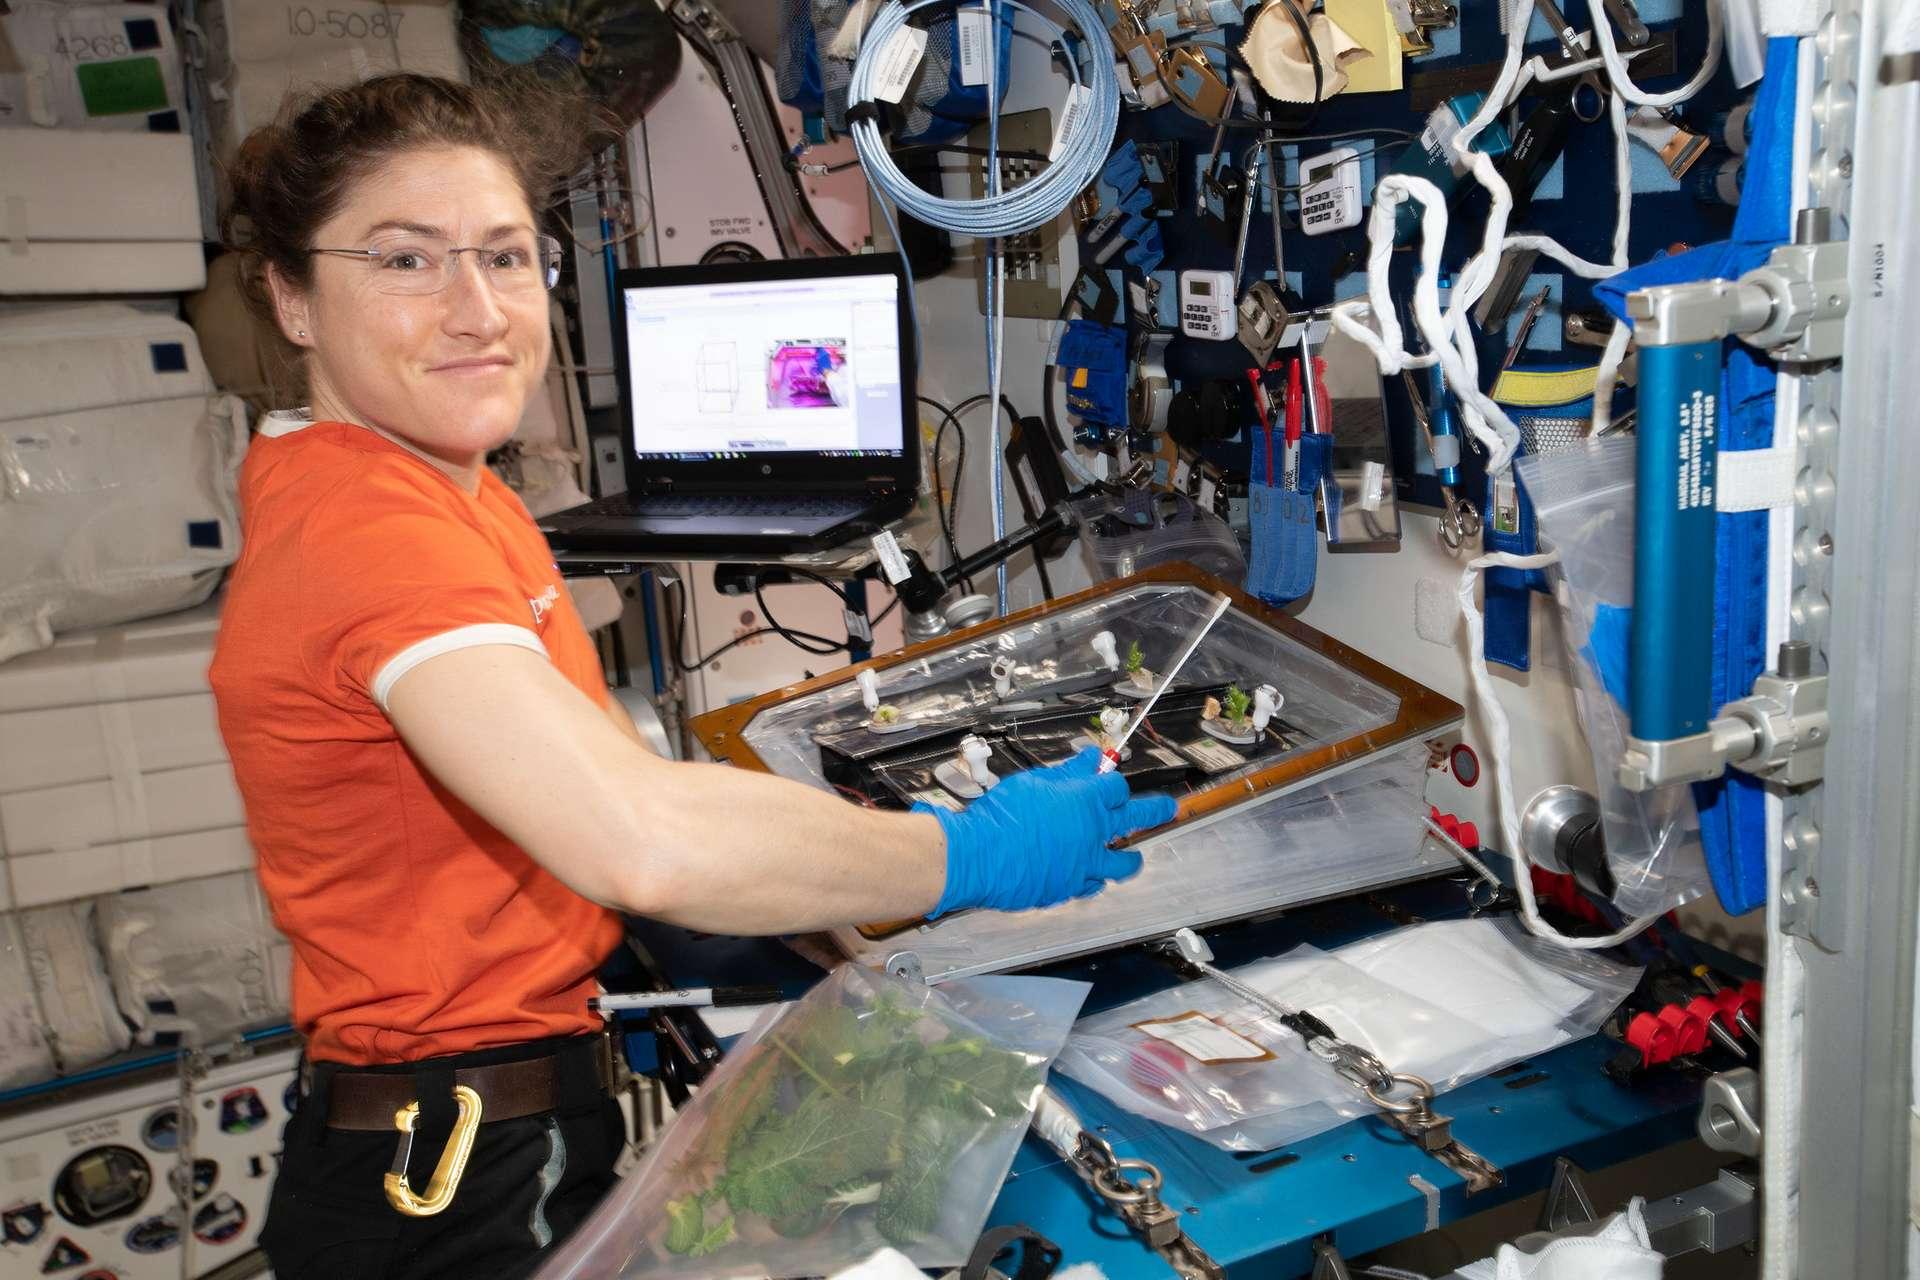 L'astronaute américaine Christina Koch a rejoint l'ISS le 14 mars 2019 pour une mission qui vient d'être prolongée à février 2020, soit environ onze mois. © Nasa